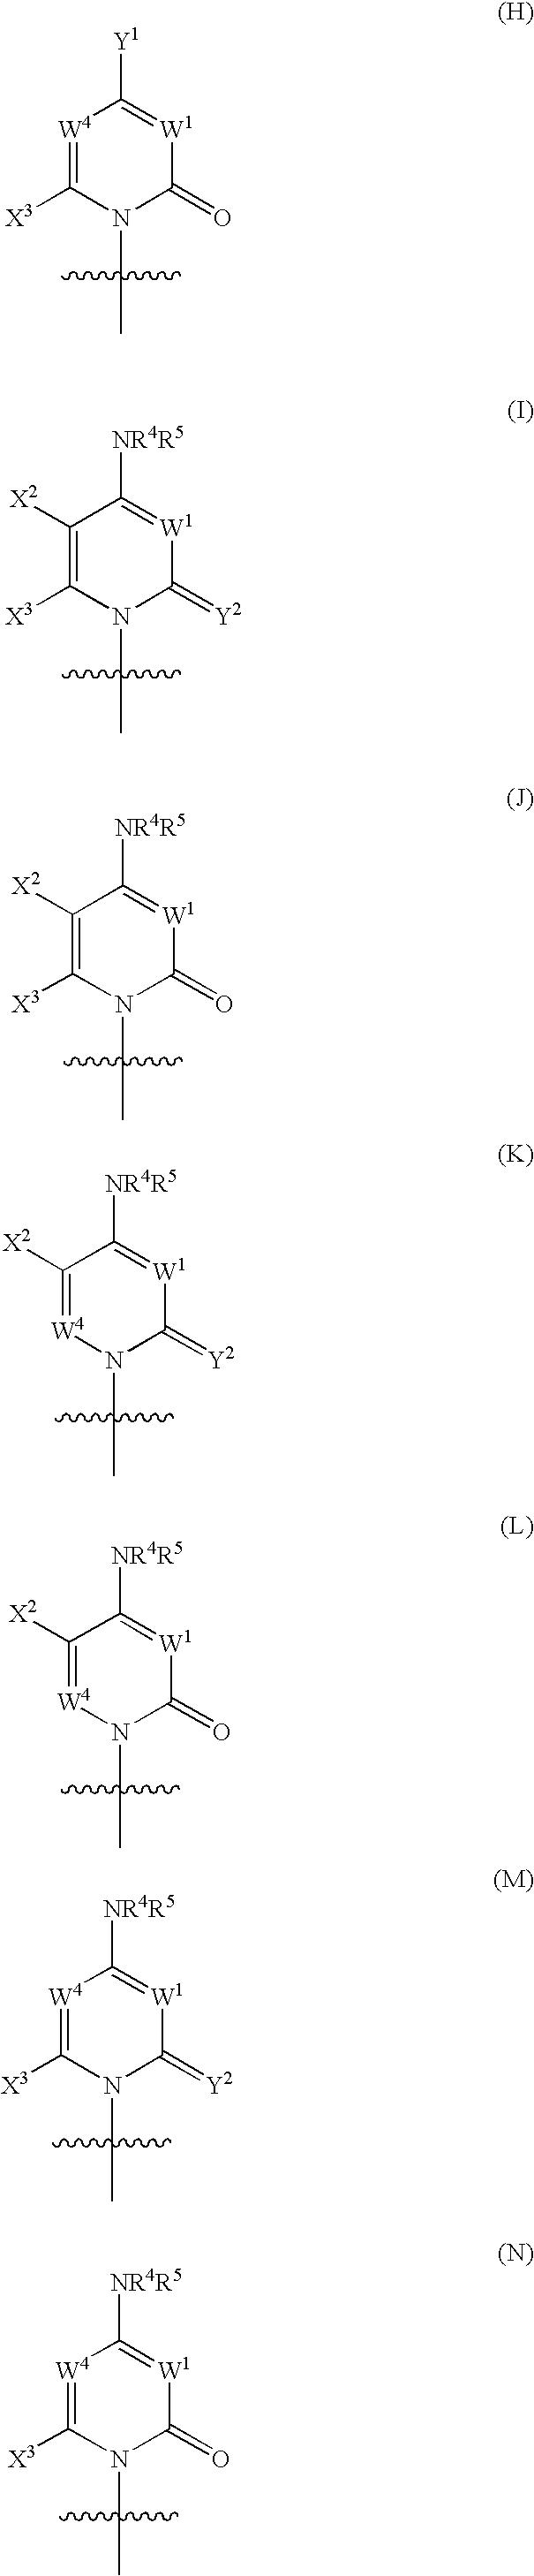 Figure US07608600-20091027-C00005